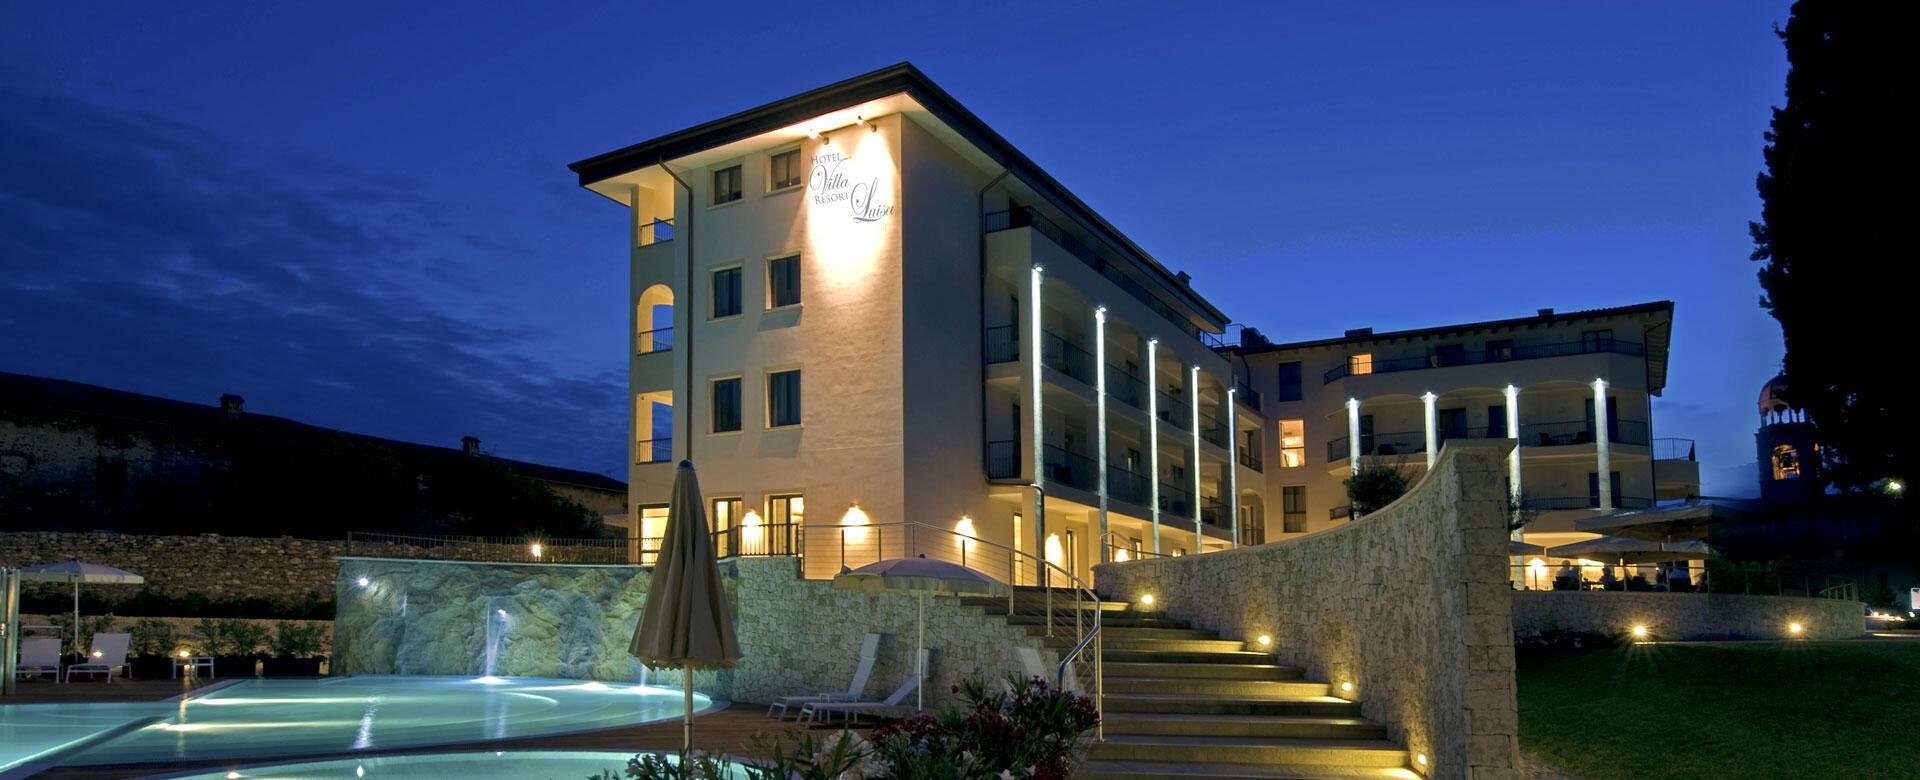 hotelvillaluisa en gallery 003